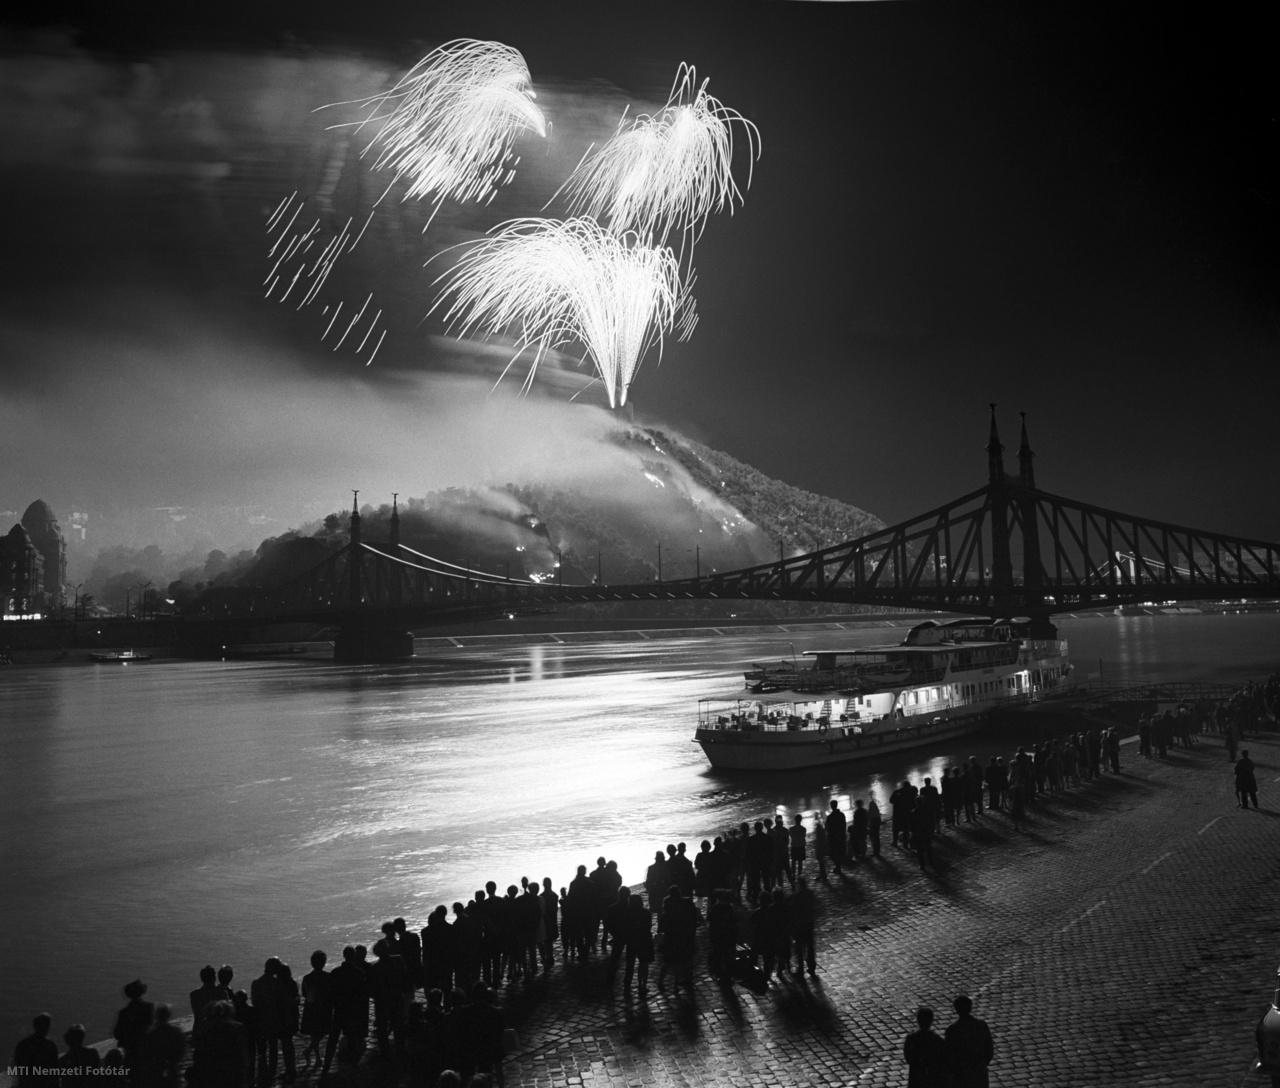 A pesti alsó rakpartról figyeli a közönség az augusztus 20-i tűzijátékot 1968-ban. Jobbra a Szabadság híd látszik